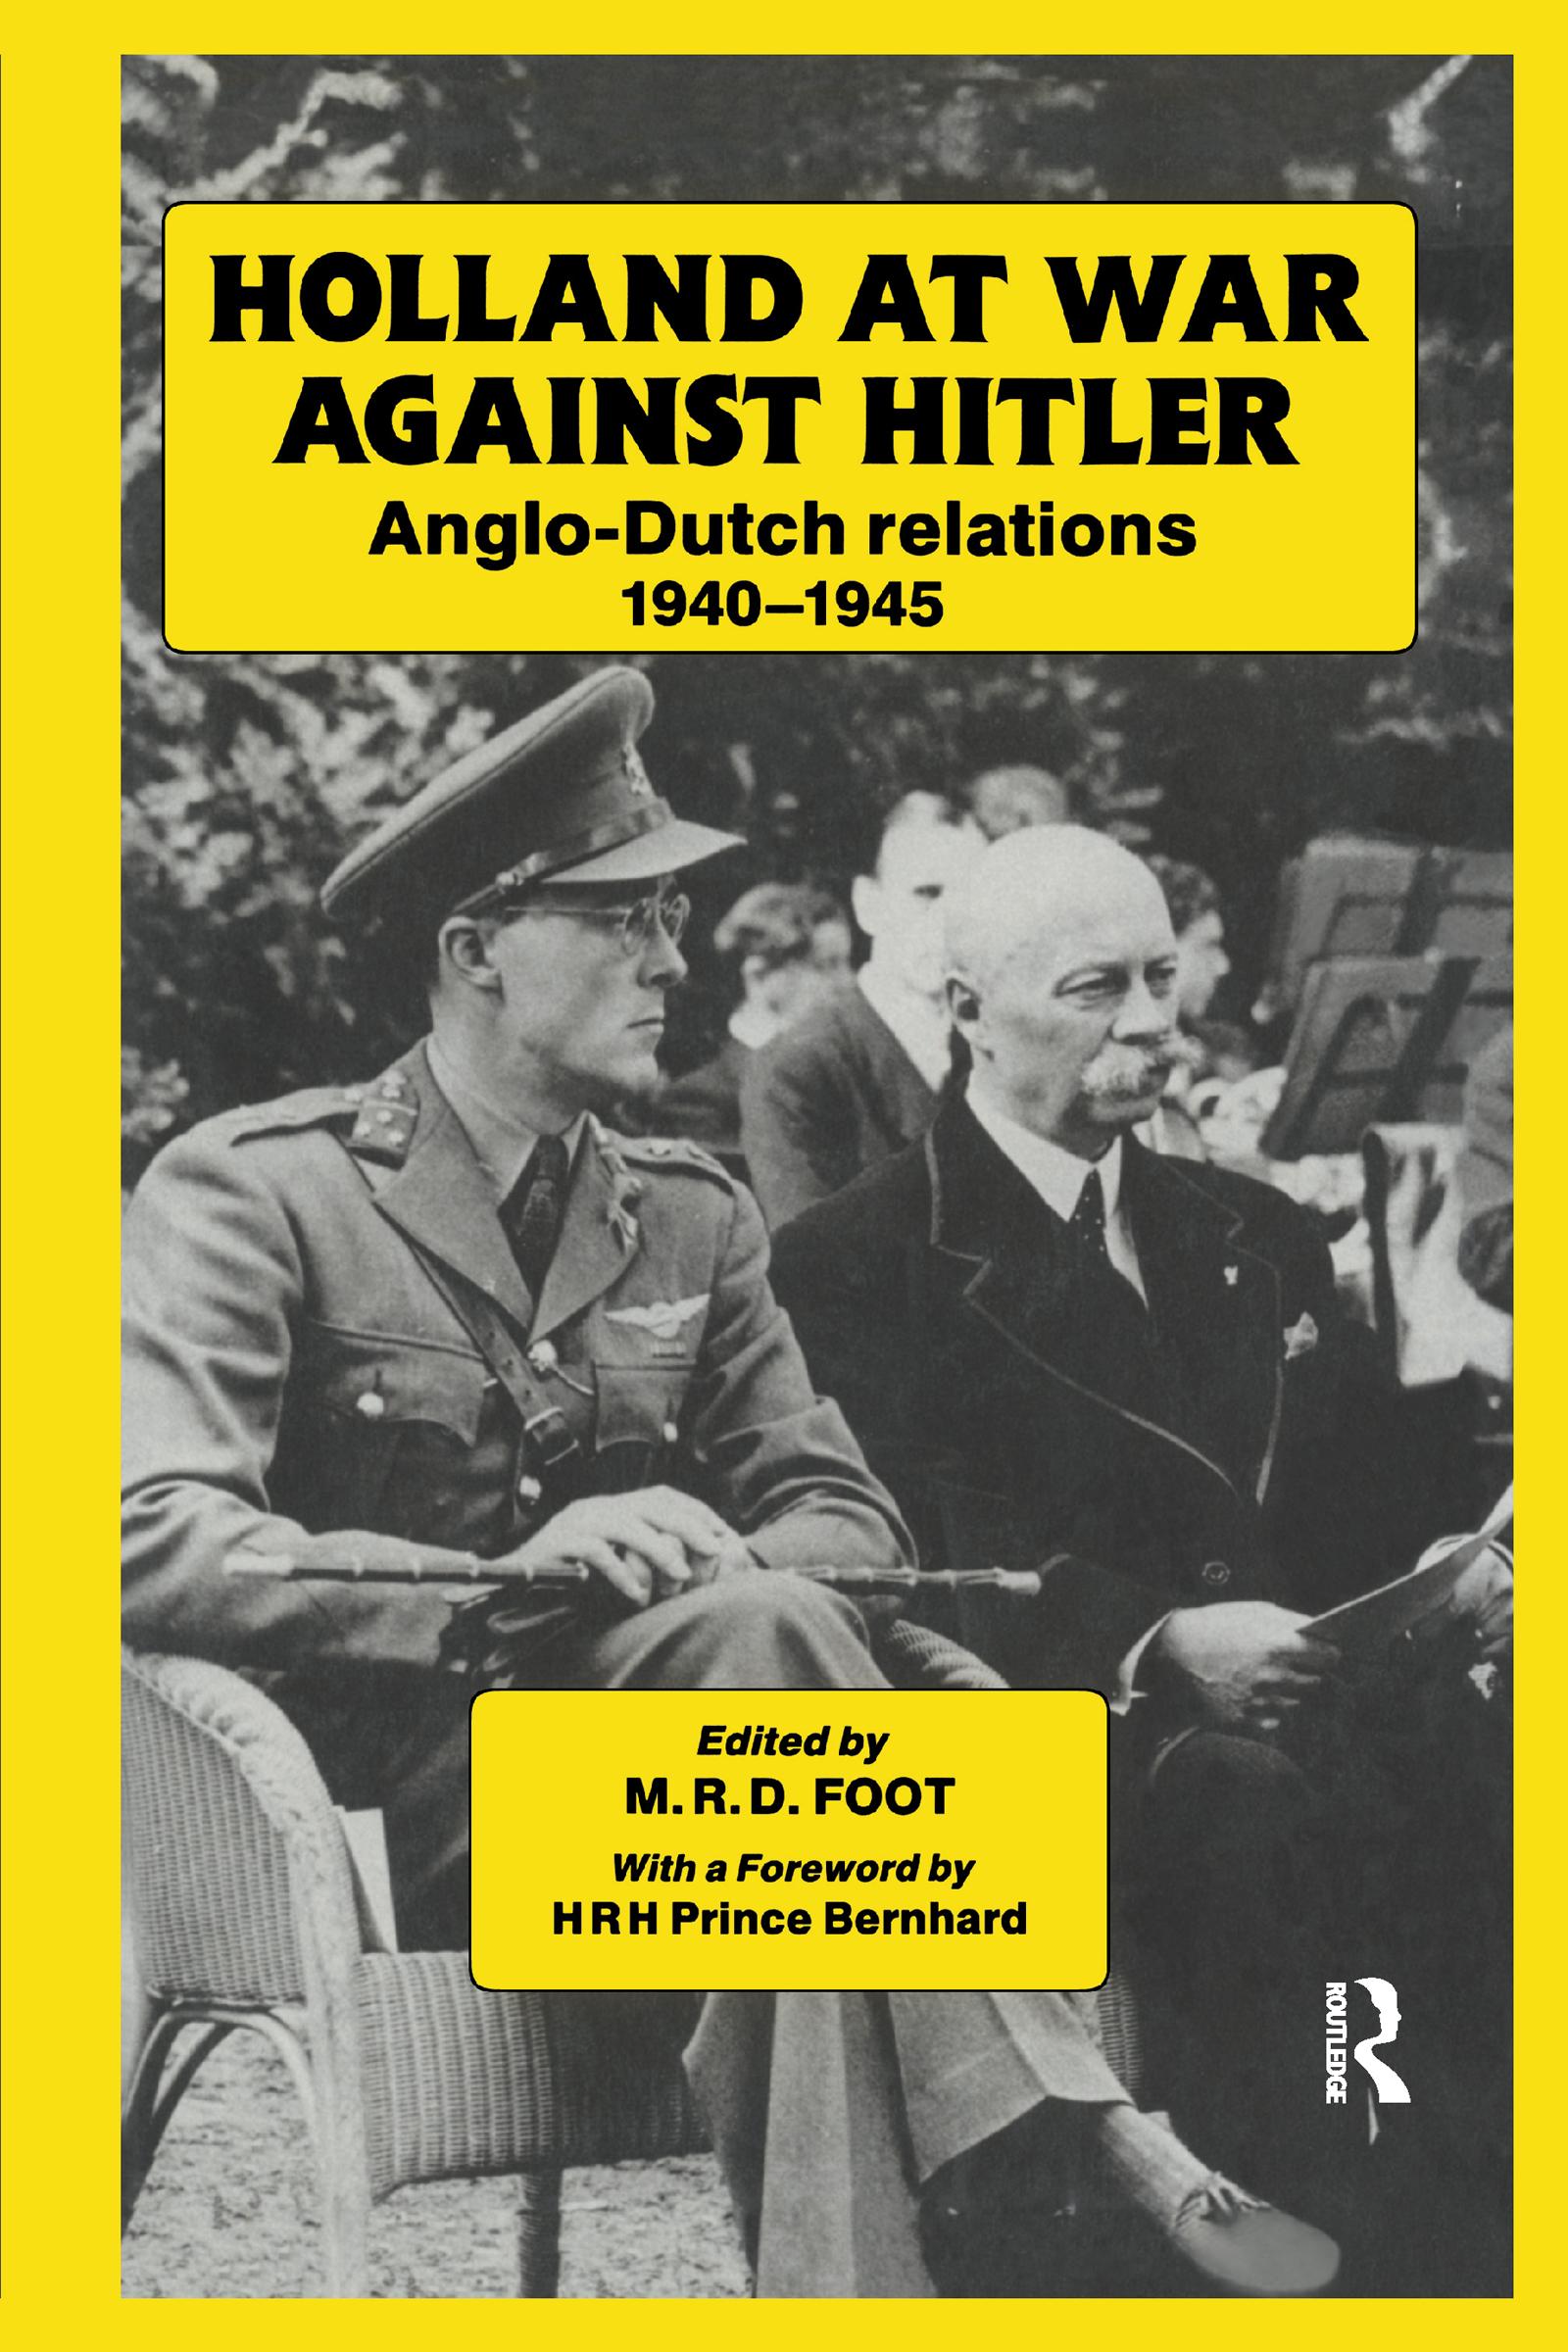 Holland at War Against Hitler